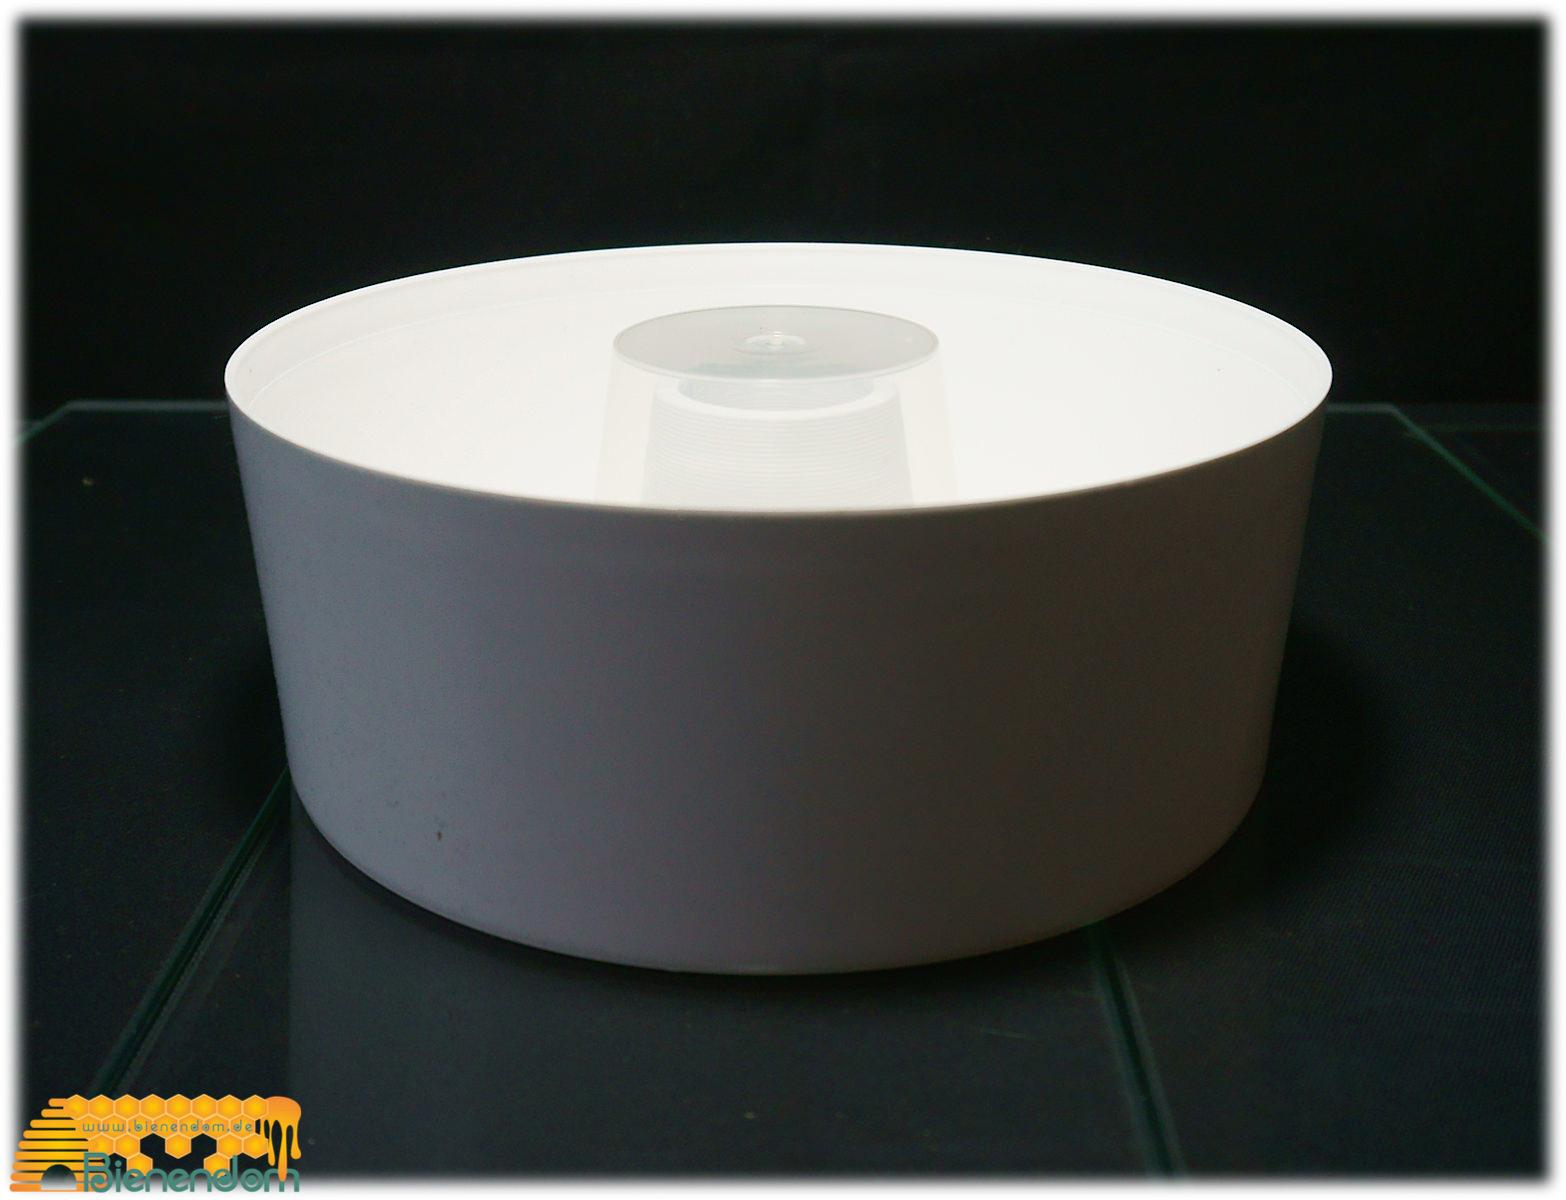 Futtertrog 2 Liter | Kunststoff | weiß | Nicot